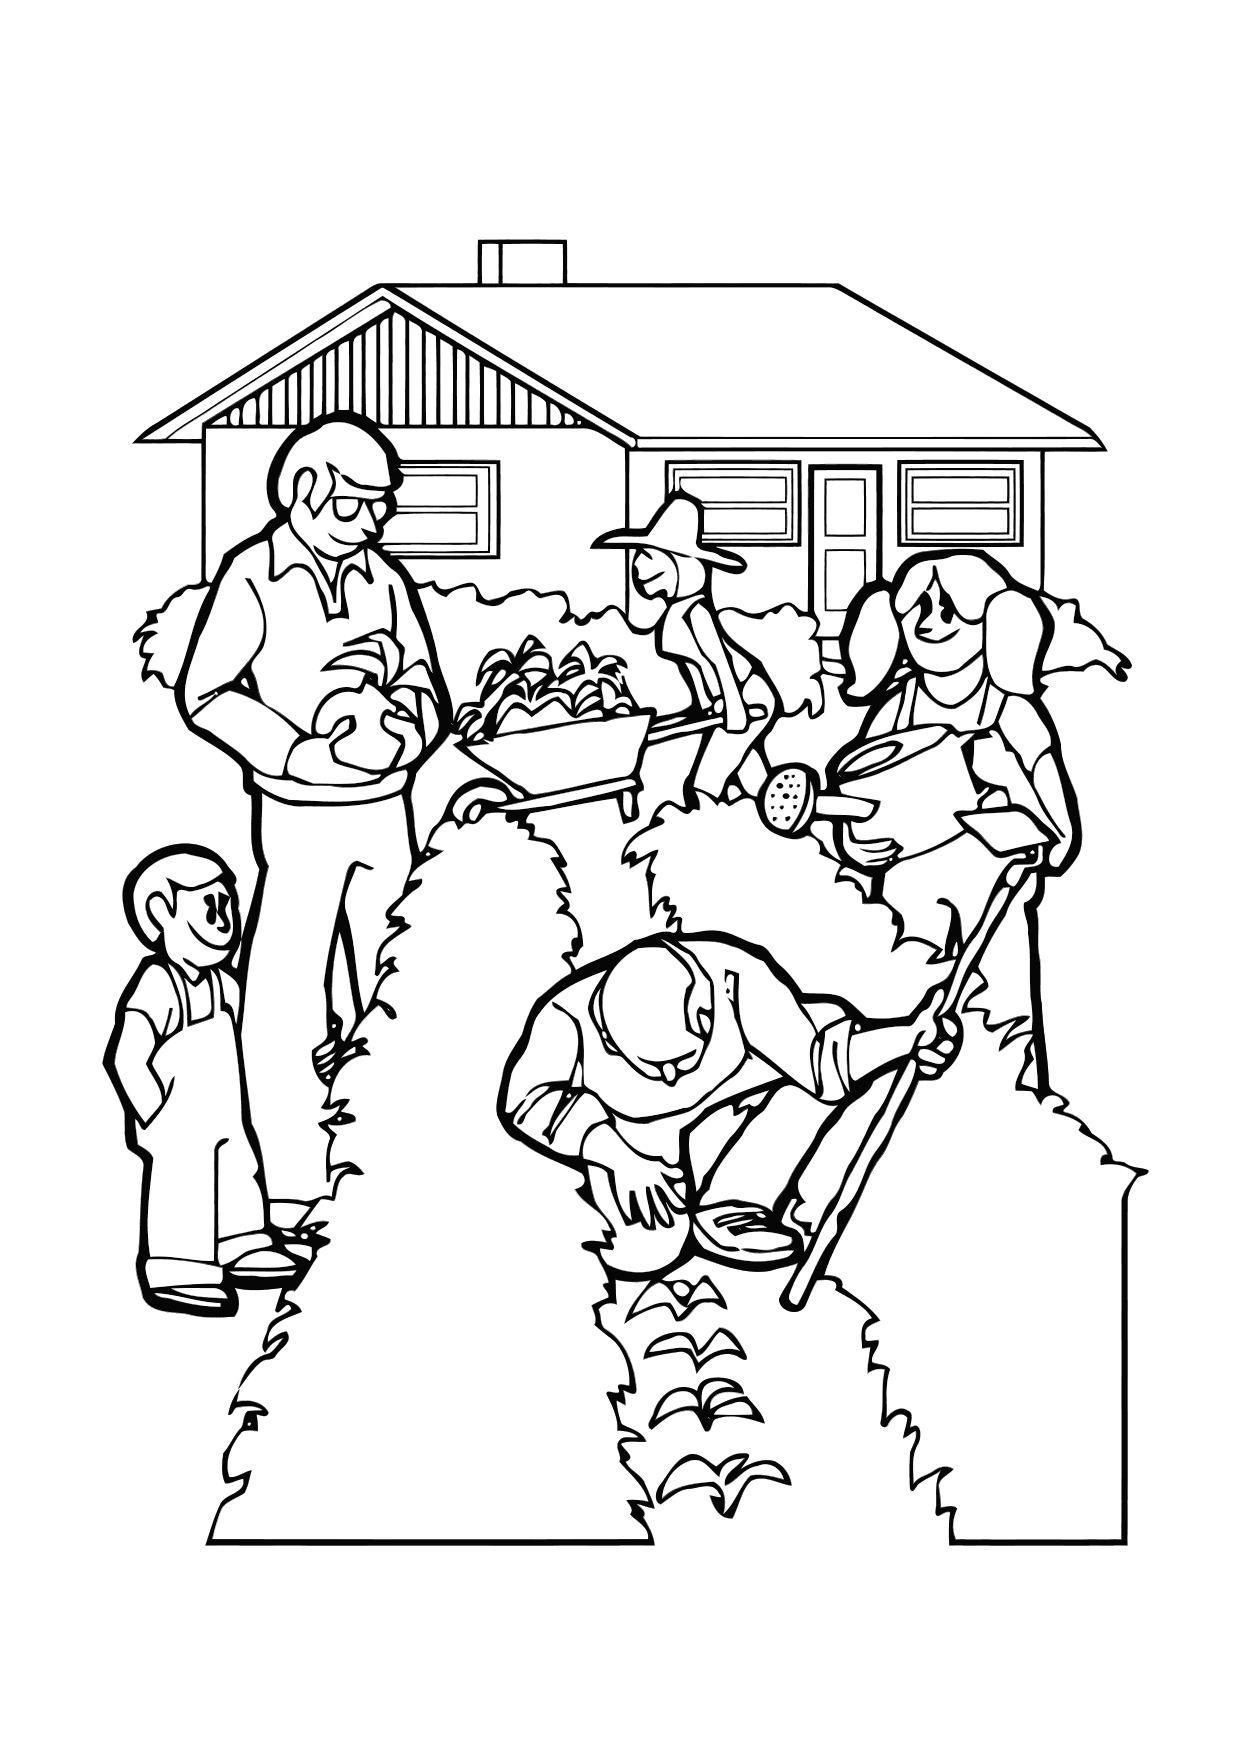 Malvorlage im garten arbeiten ausmalbild 11426 for Garten arbeiten